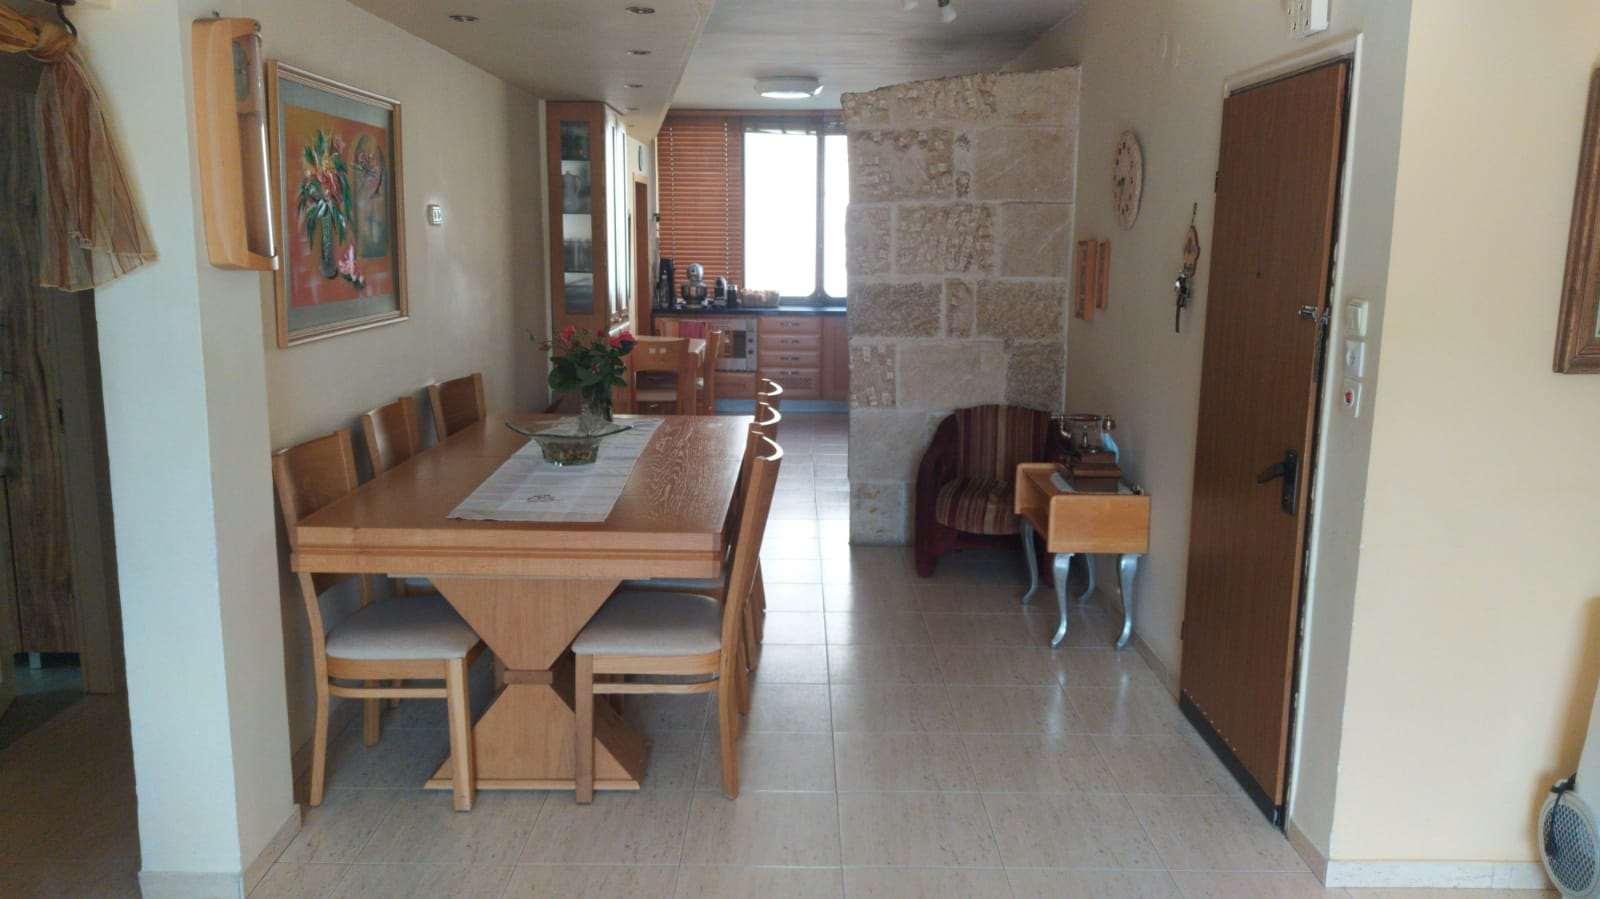 דירה למכירה 4 חדרים ברמת גן רמת יצחק פנחס רוטנברג